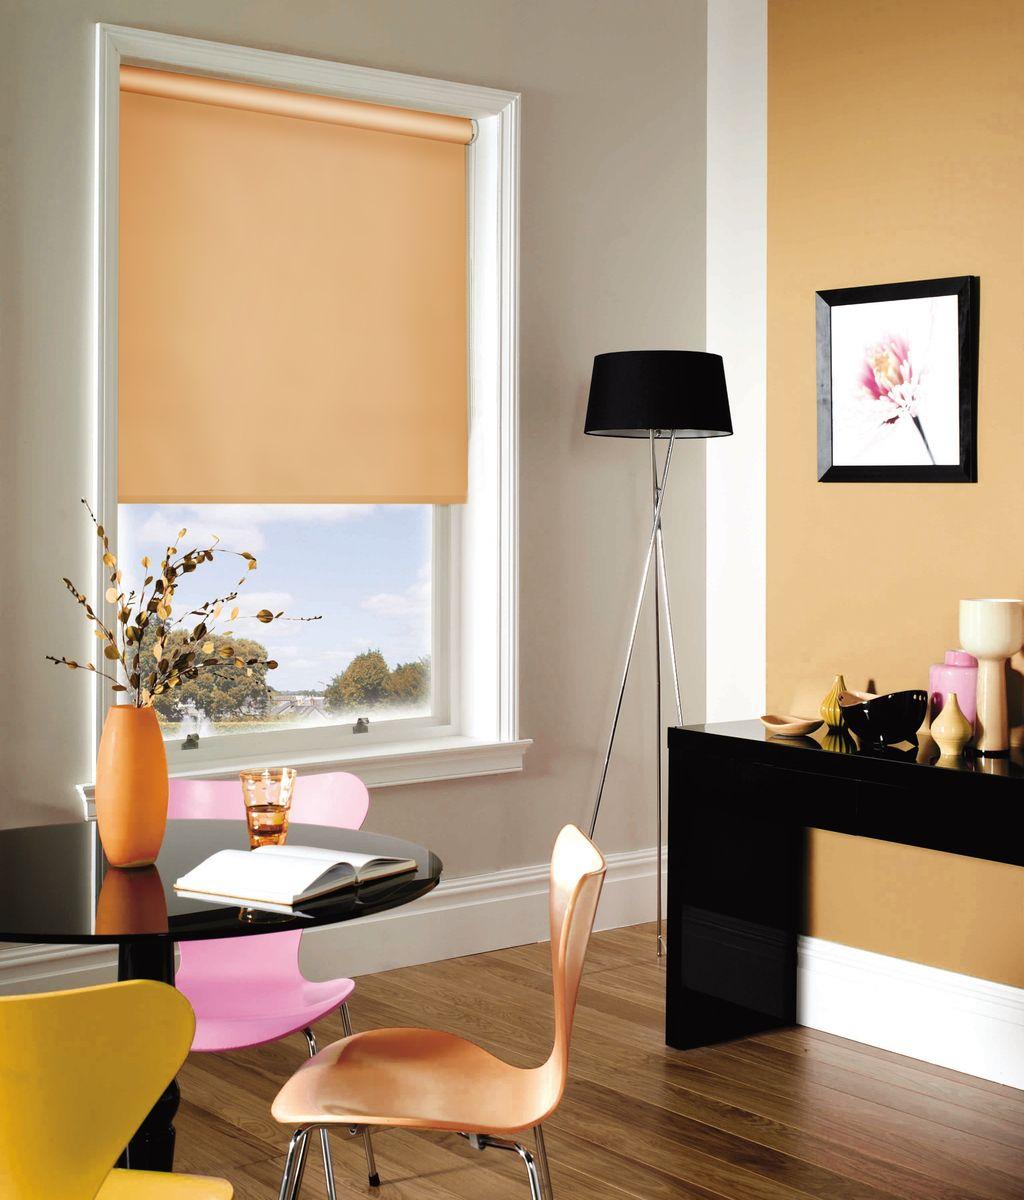 Штора рулонная Эскар Миниролло, цвет: светлый абрикос, ширина 98 см, высота 170 см31012098170Рулонными шторами можно оформлять окна как самостоятельно, так и использовать в комбинации с портьерами. Это поможет предотвратить выгорание дорогой ткани на солнце и соединит функционал рулонных с красотой навесных. Преимущества применения рулонных штор для пластиковых окон: - имеют прекрасный внешний вид: многообразие и фактурность материала изделия отлично смотрятся в любом интерьере;- многофункциональны: есть возможность подобрать шторы способные эффективно защитить комнату от солнца, при этом она не будет слишком темной. - Есть возможность осуществить быстрый монтаж.ВНИМАНИЕ! Размеры ширины изделия указаны по ширине ткани! Во время эксплуатации не рекомендуется полностью разматывать рулон, чтобы не оторвать ткань от намоточного вала. В случае загрязнения поверхности ткани, чистку шторы проводят одним из способов, в зависимости от типа загрязнения:легкое поверхностное загрязнение можно удалить при помощи канцелярского ластика;чистка от пыли производится сухим методом при помощи пылесоса с мягкой щеткой-насадкой;для удаления пятна используйте мягкую губку с пенообразующим неагрессивным моющим средством или пятновыводитель на натуральной основе (нельзя применять растворители).